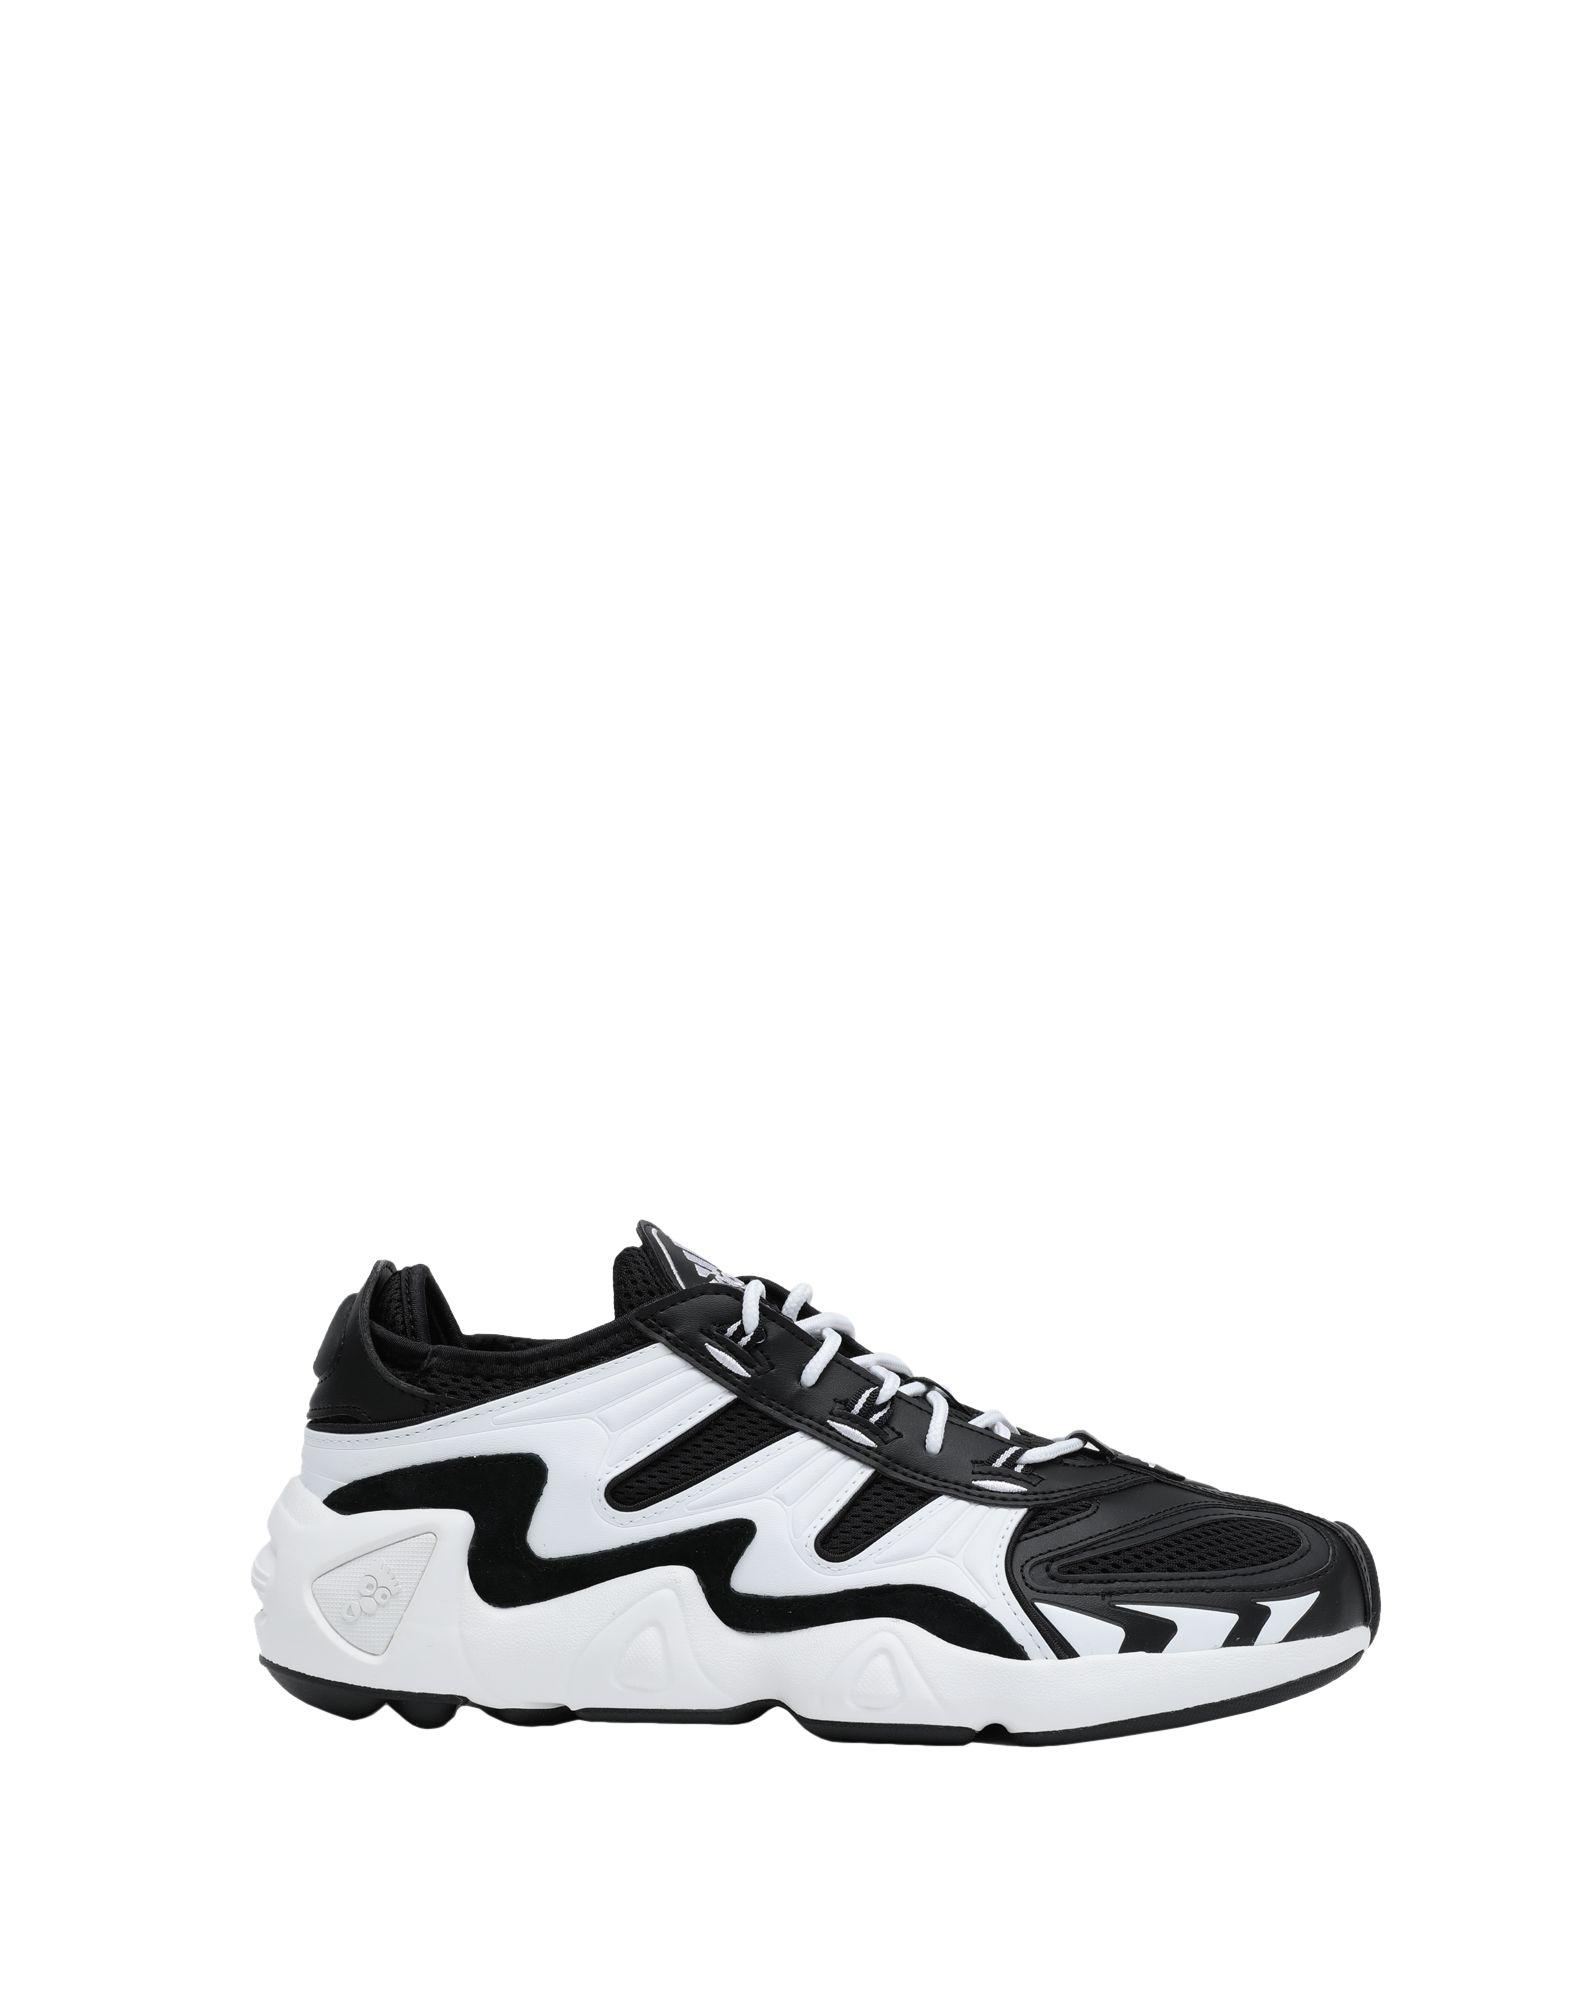 ADIDAS ORIGINALS Низкие кеды и кроссовки кроссовки детские adidas fortagym cf k цвет фуксия ah2561 размер 34 32